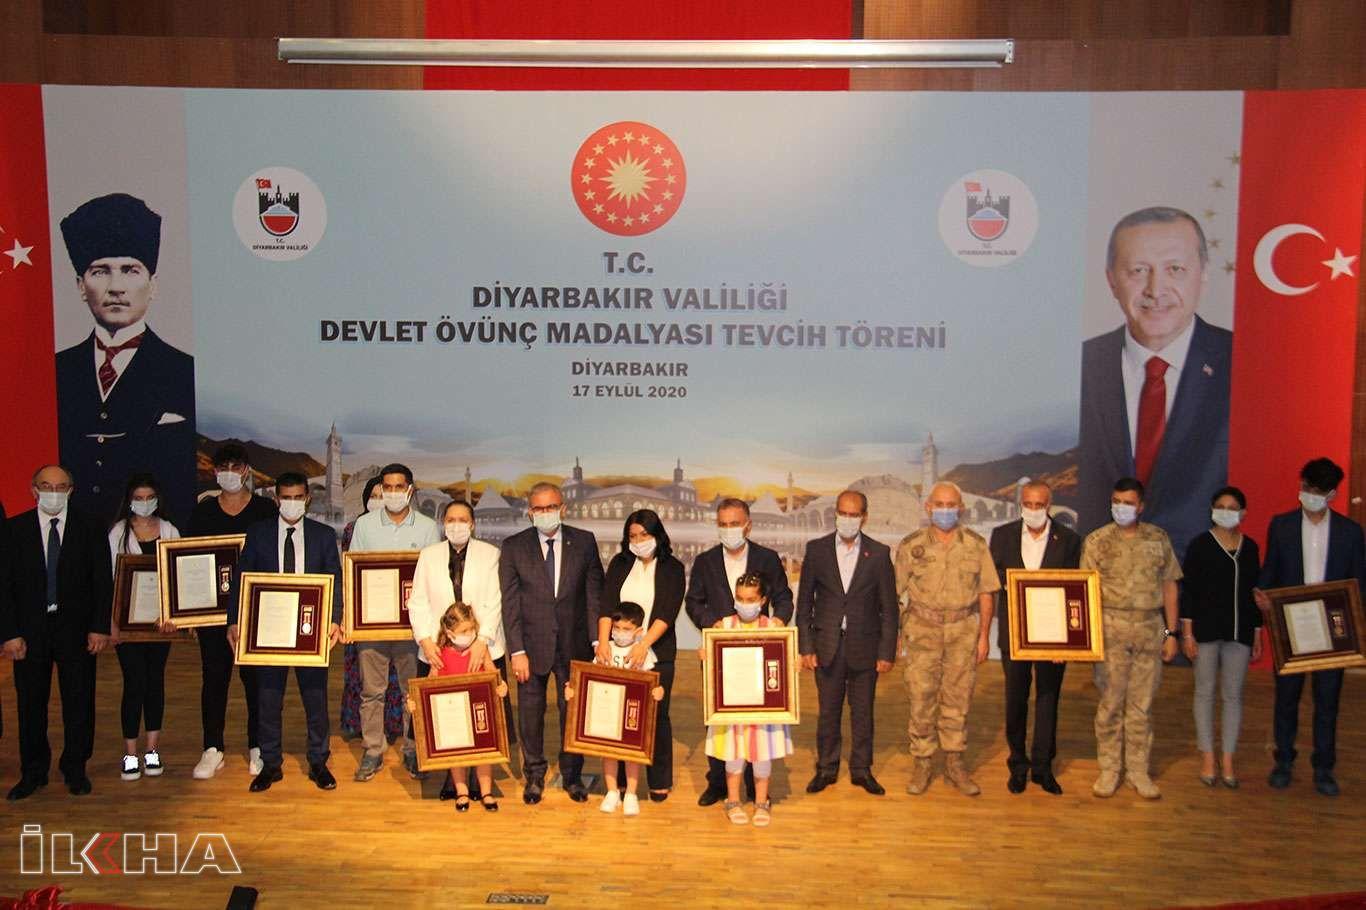 Diyarbakırda Devlet Övünç Madalyası Tevcih töreni düzenlendi